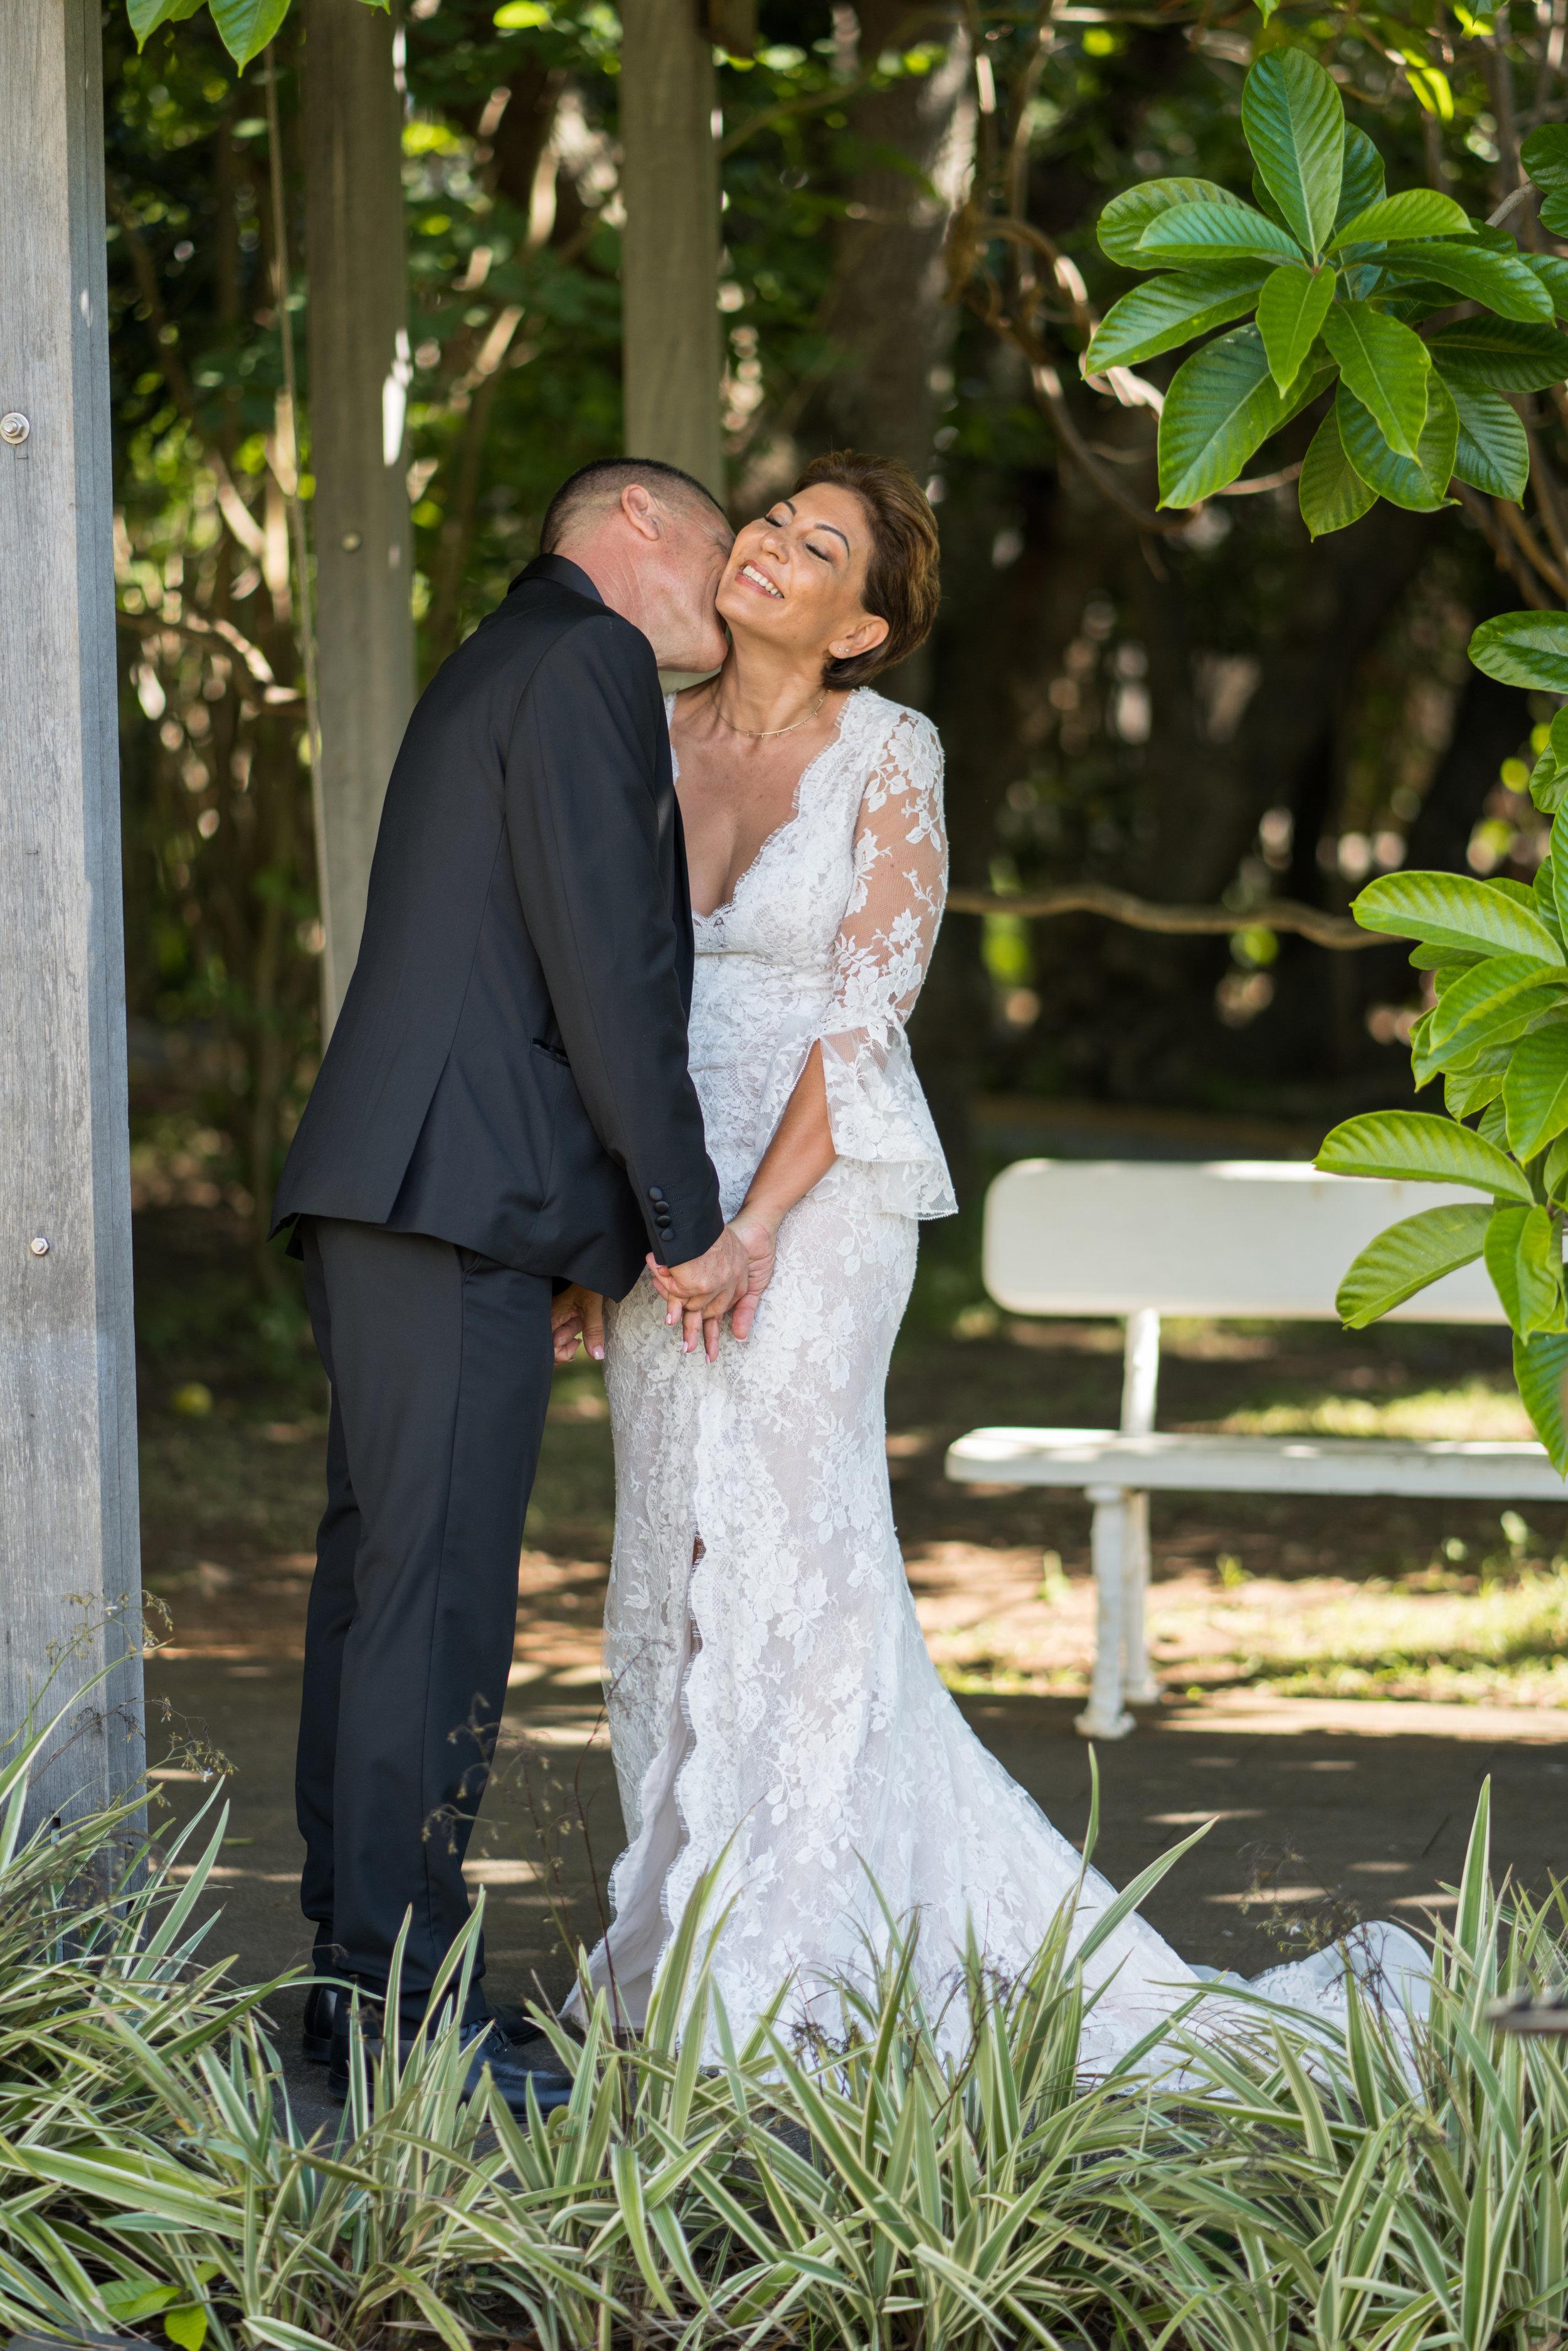 MRevenement organisation de mariage à la Réunion _ Mariage de B et JC (17).jpg